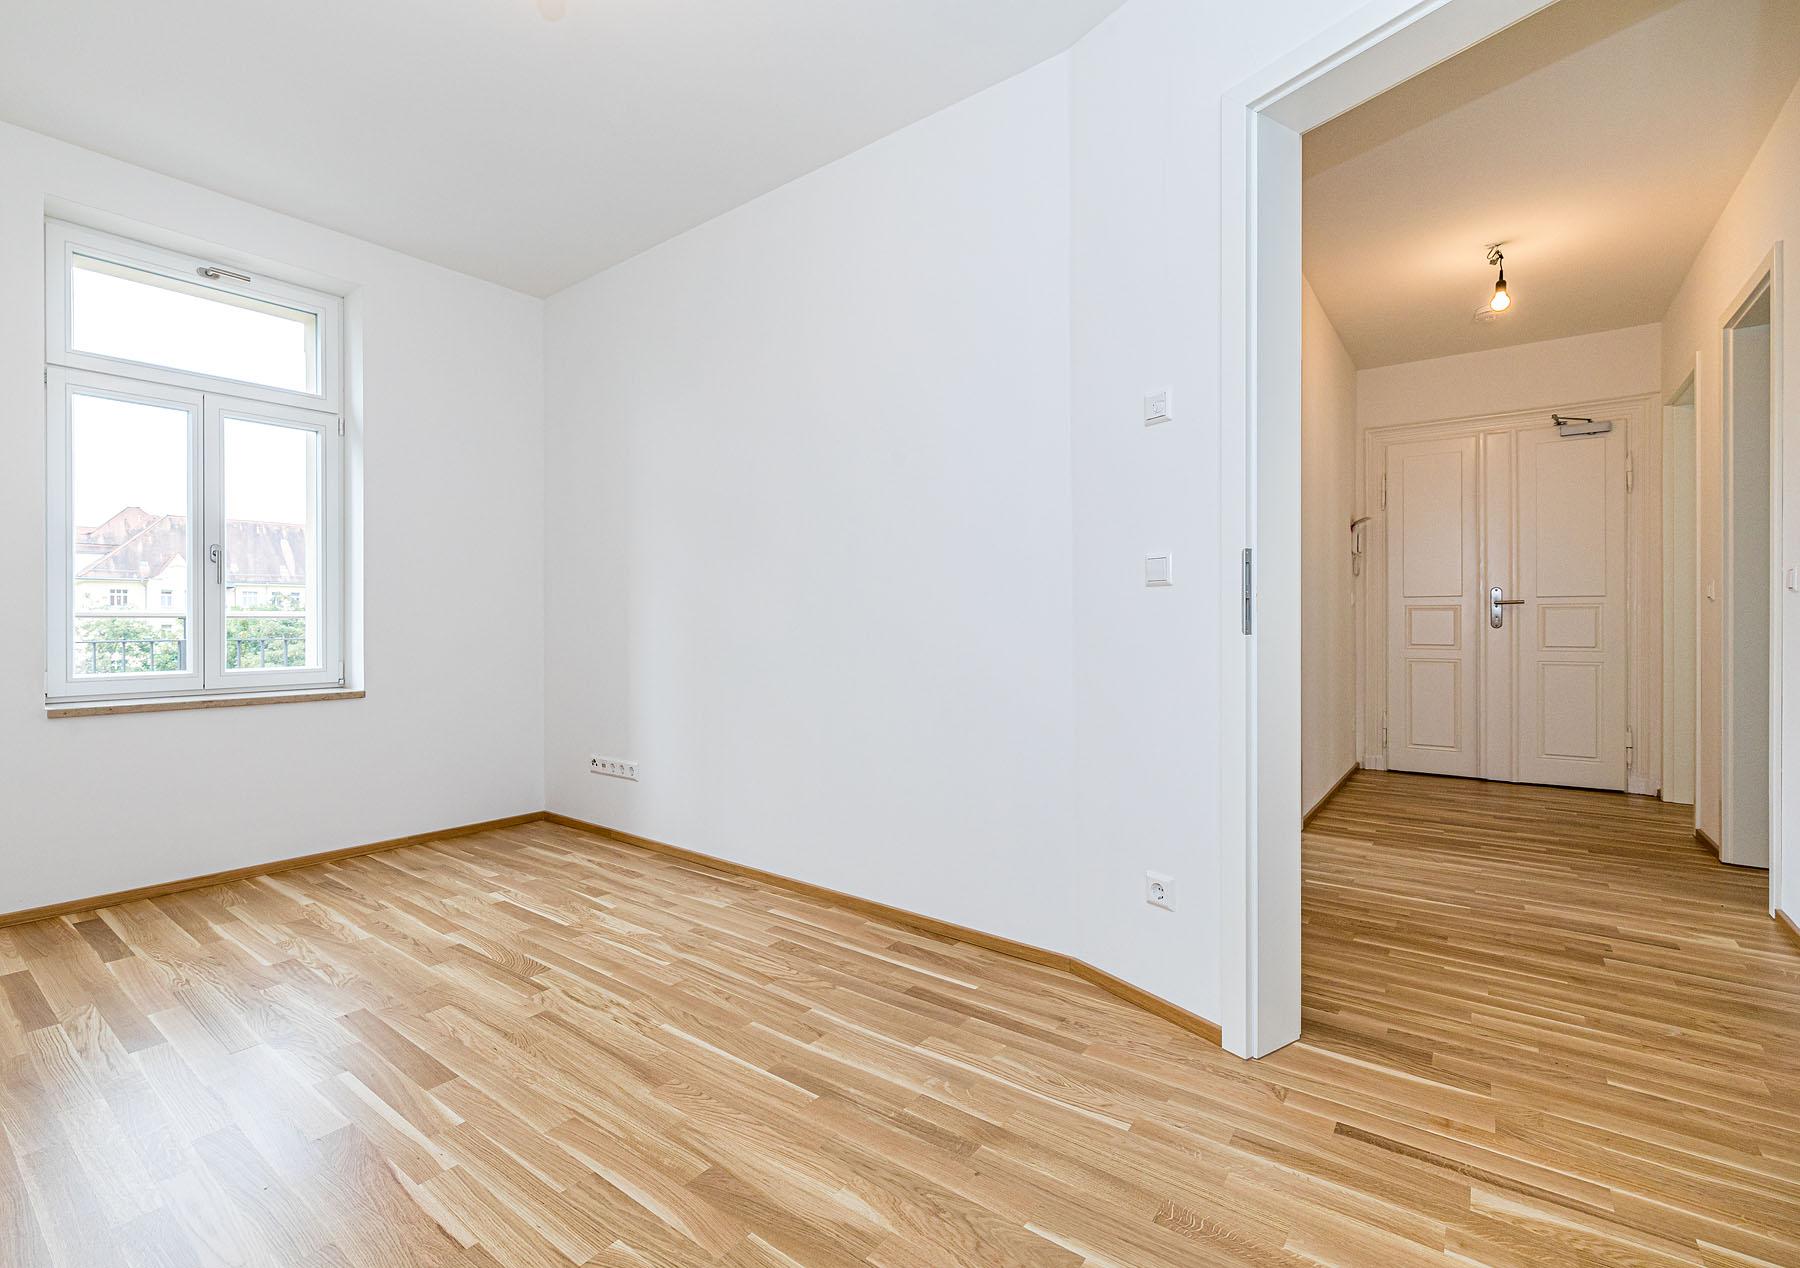 2021_mierendorffstrasse-42-vh-30